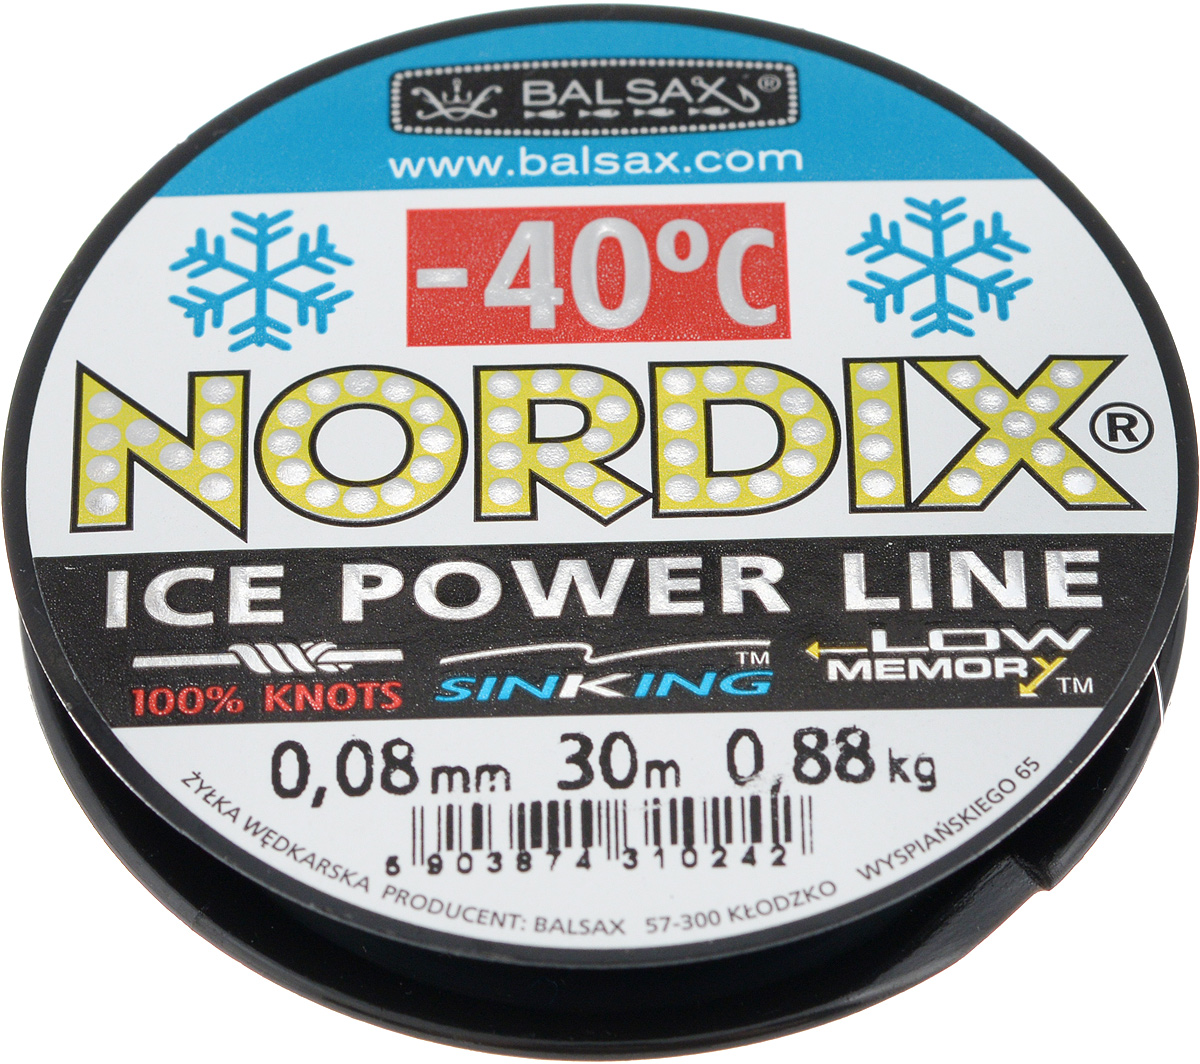 Леска зимняя Balsax Nordix, 30 м, 0,08 мм, 0,88 кг310-12008Леска Balsax Nordix изготовлена из 100% нейлона и очень хорошо выдерживаетнизкие температуры. Даже в самом холодном климате, при температуре вплотьдо -40°C, она сохраняет свои свойствапрактически без изменений, в то время как традиционные лески становятся менееэластичными и теряют прочность. Поверхность лески обработана таким образом, что она не обмерзает и отличноподходит для подледного лова. Прочна вместах вязки узлов даже при минимальном диаметре.